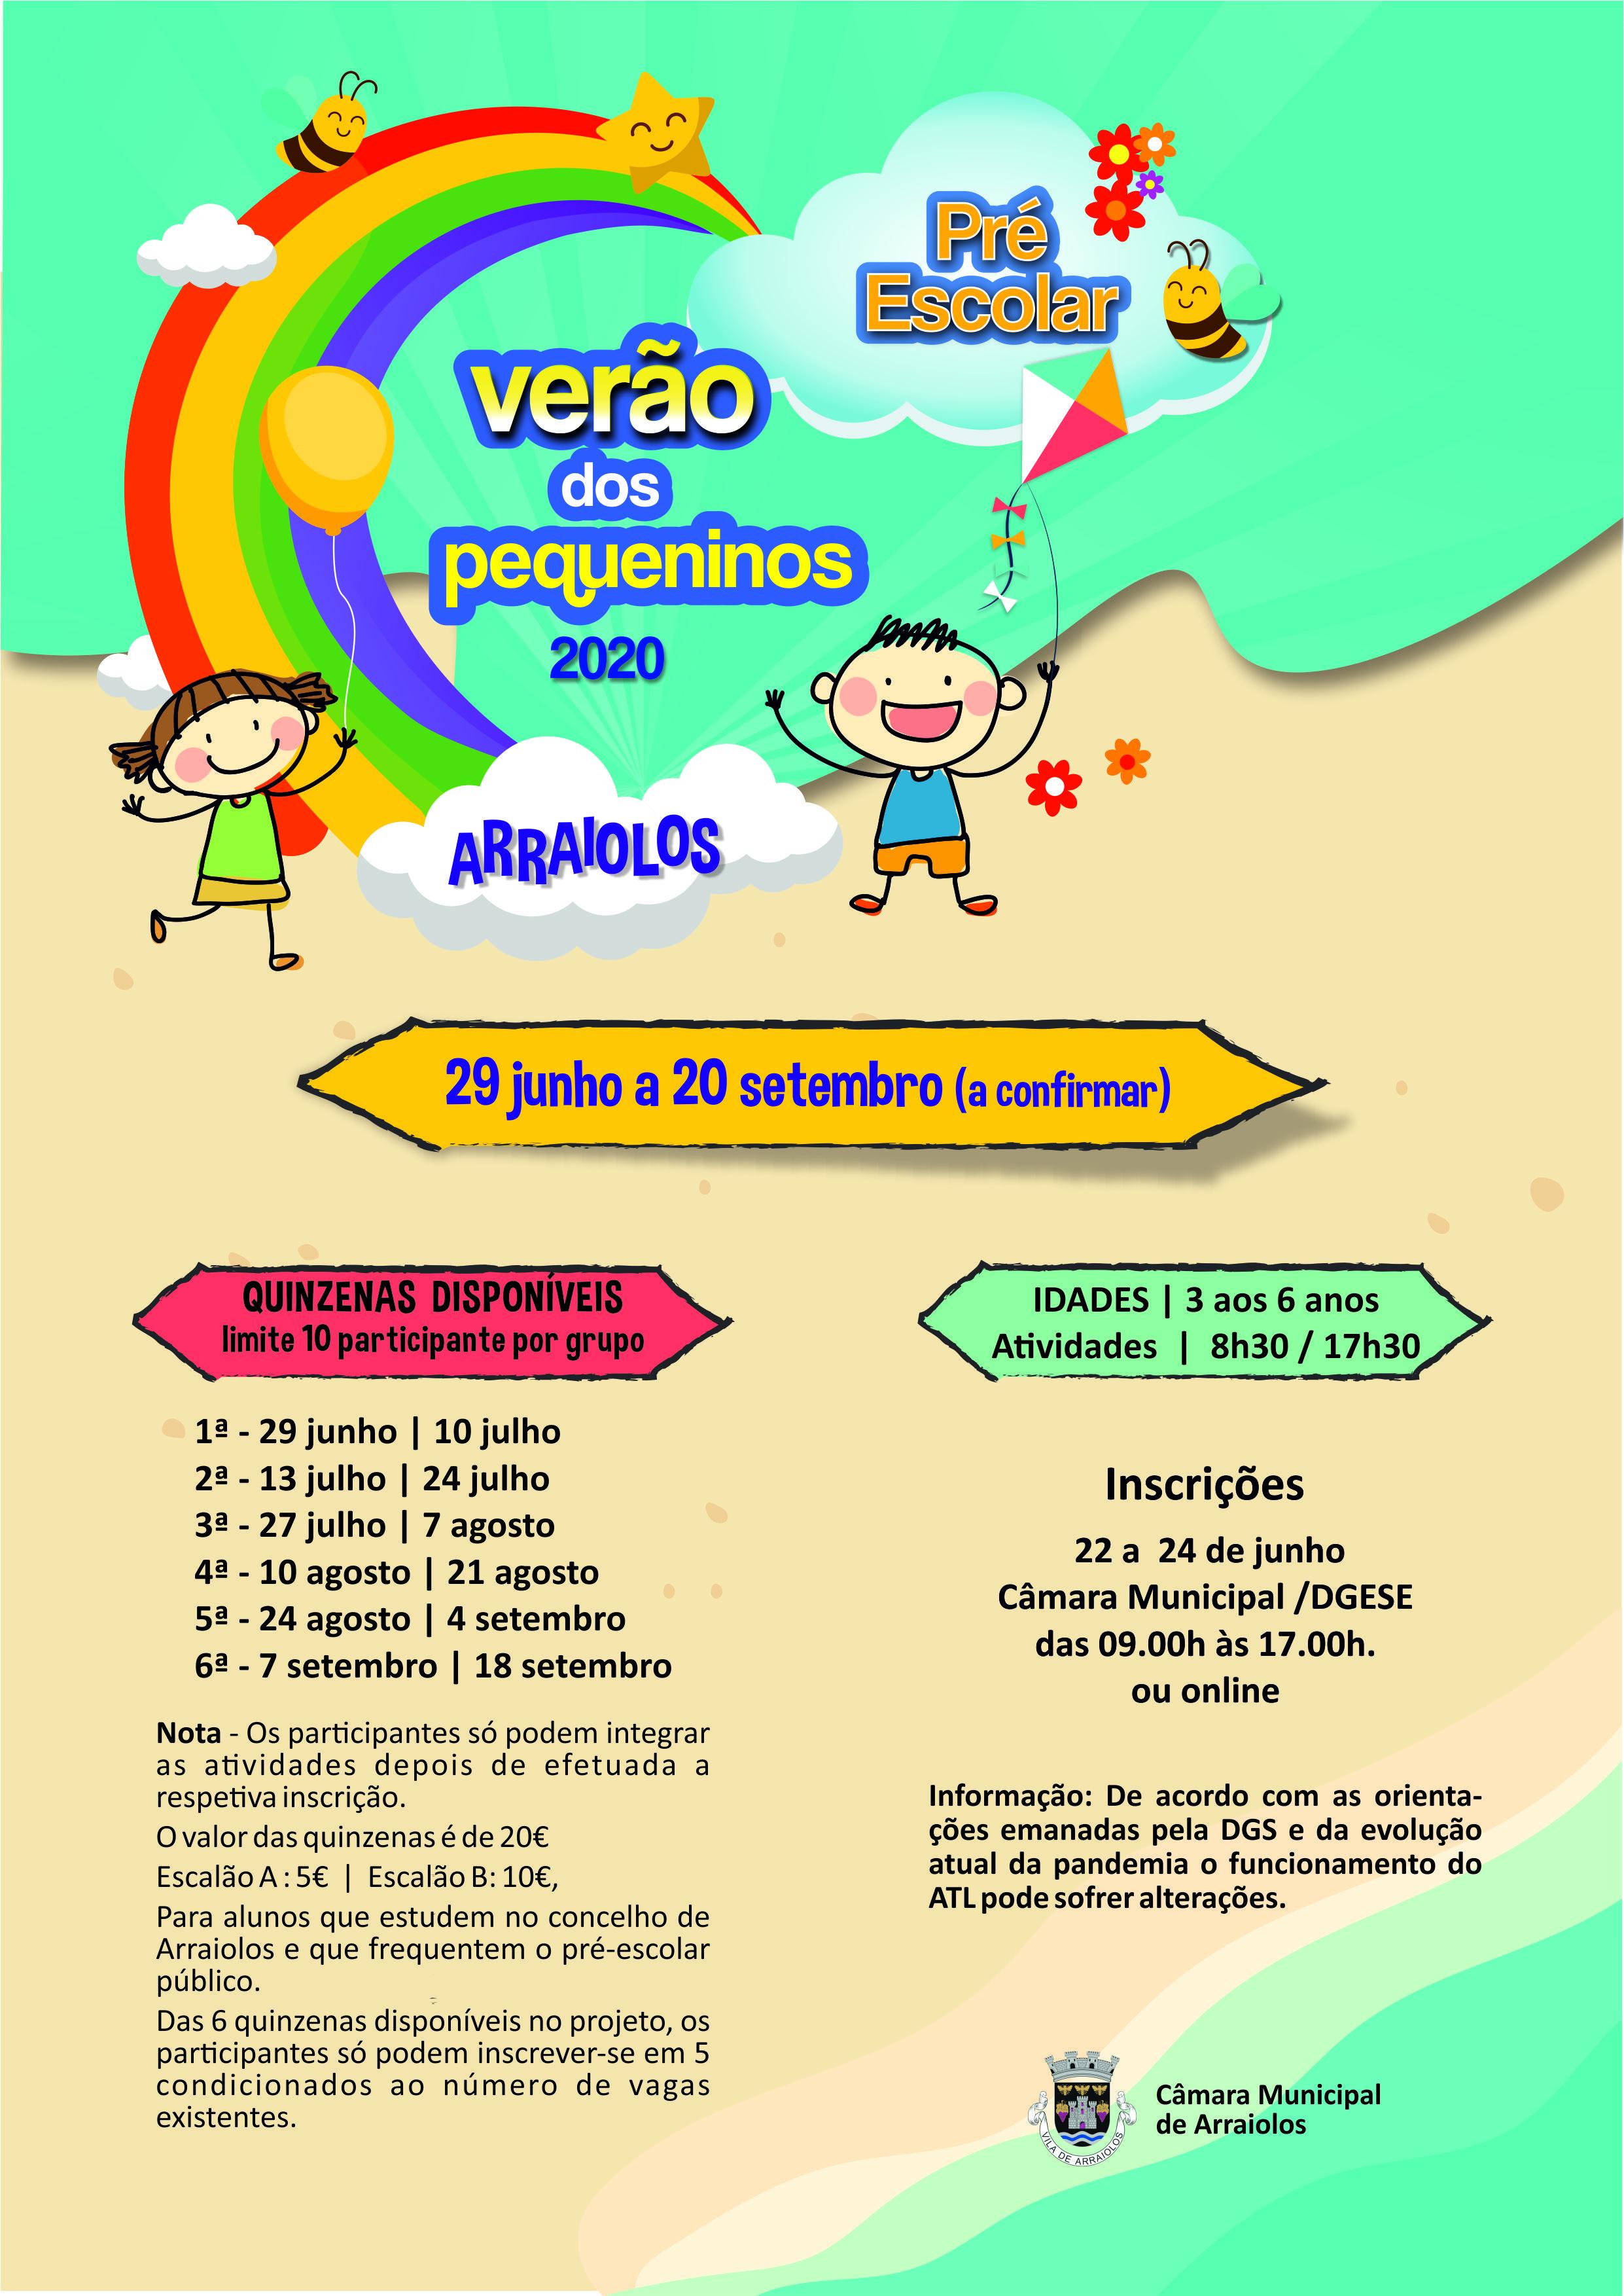 Atl de verão 2020 Pré escolar Inscrições.jpg